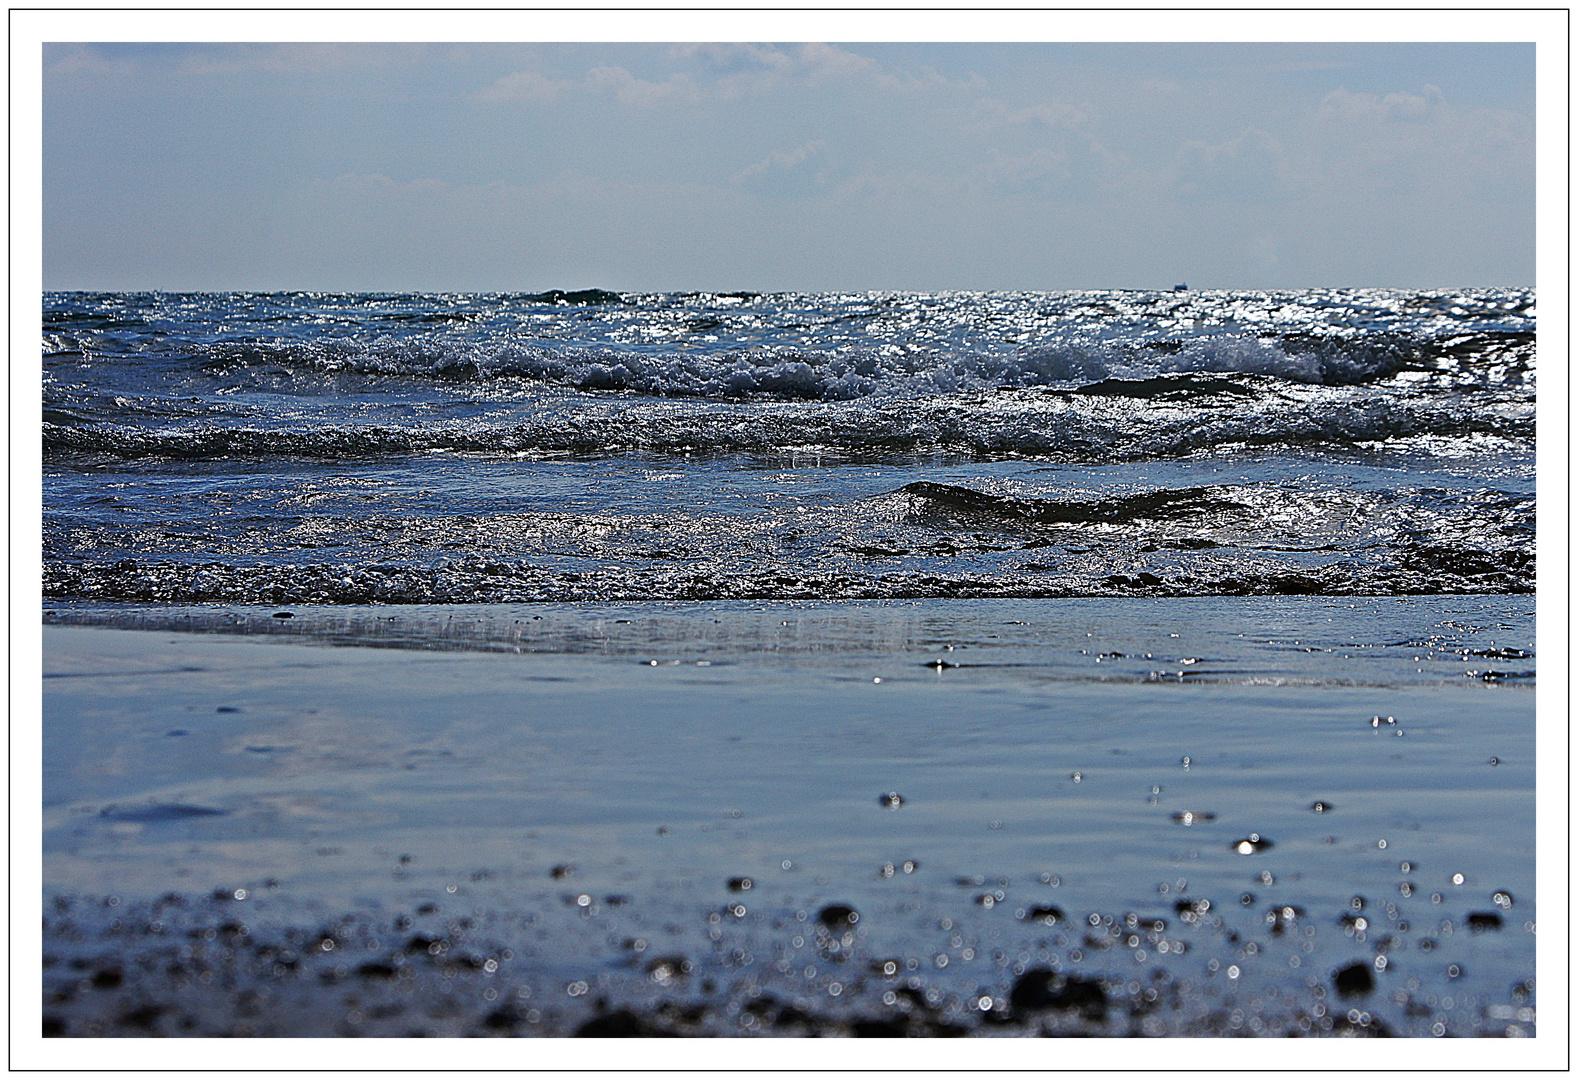 Die Welle und das Boot